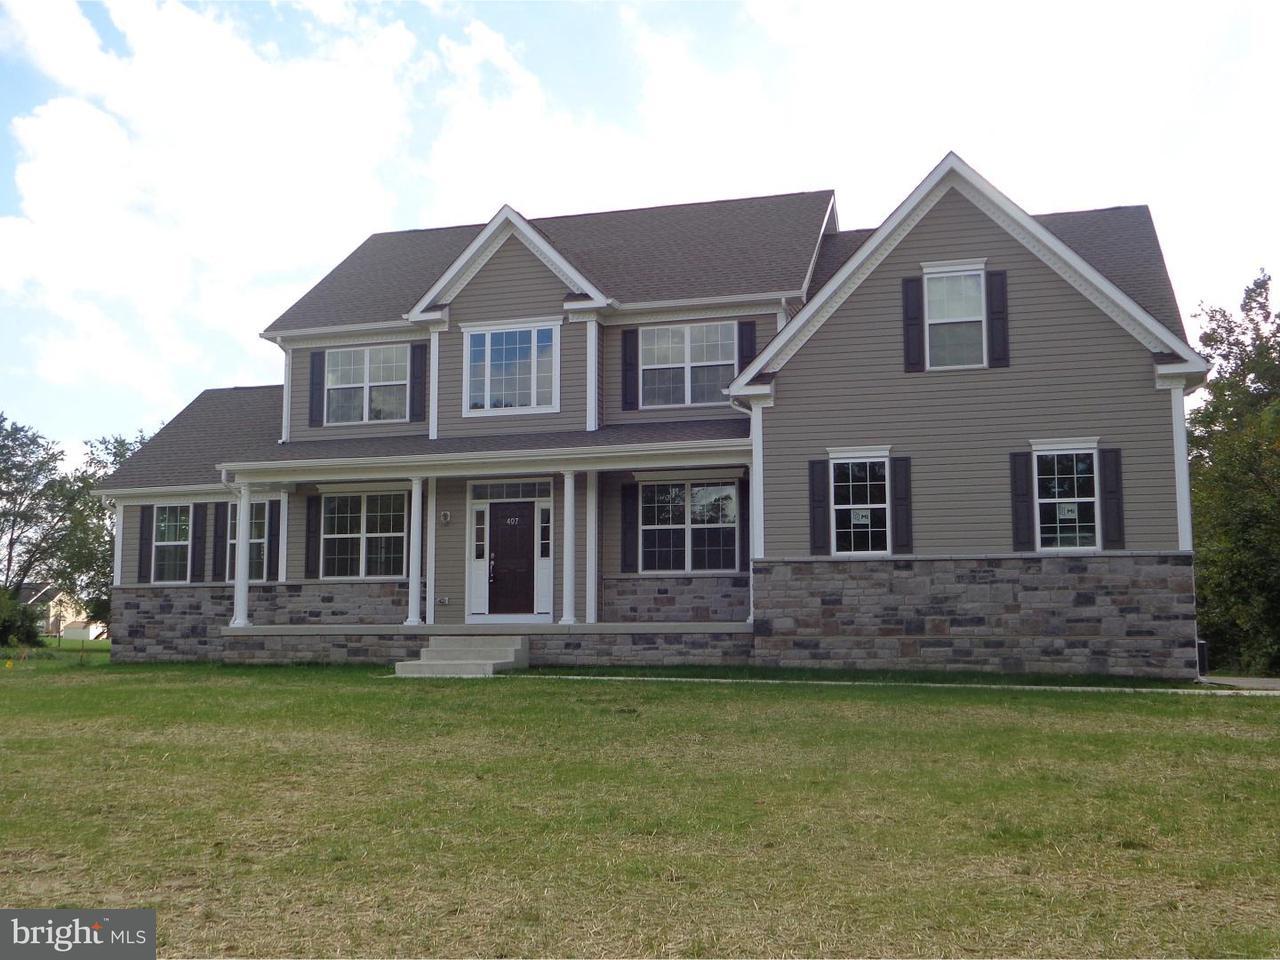 Maison unifamiliale pour l Vente à 405 JESSUPS MILL Road Mantua, New Jersey 08051 États-Unis